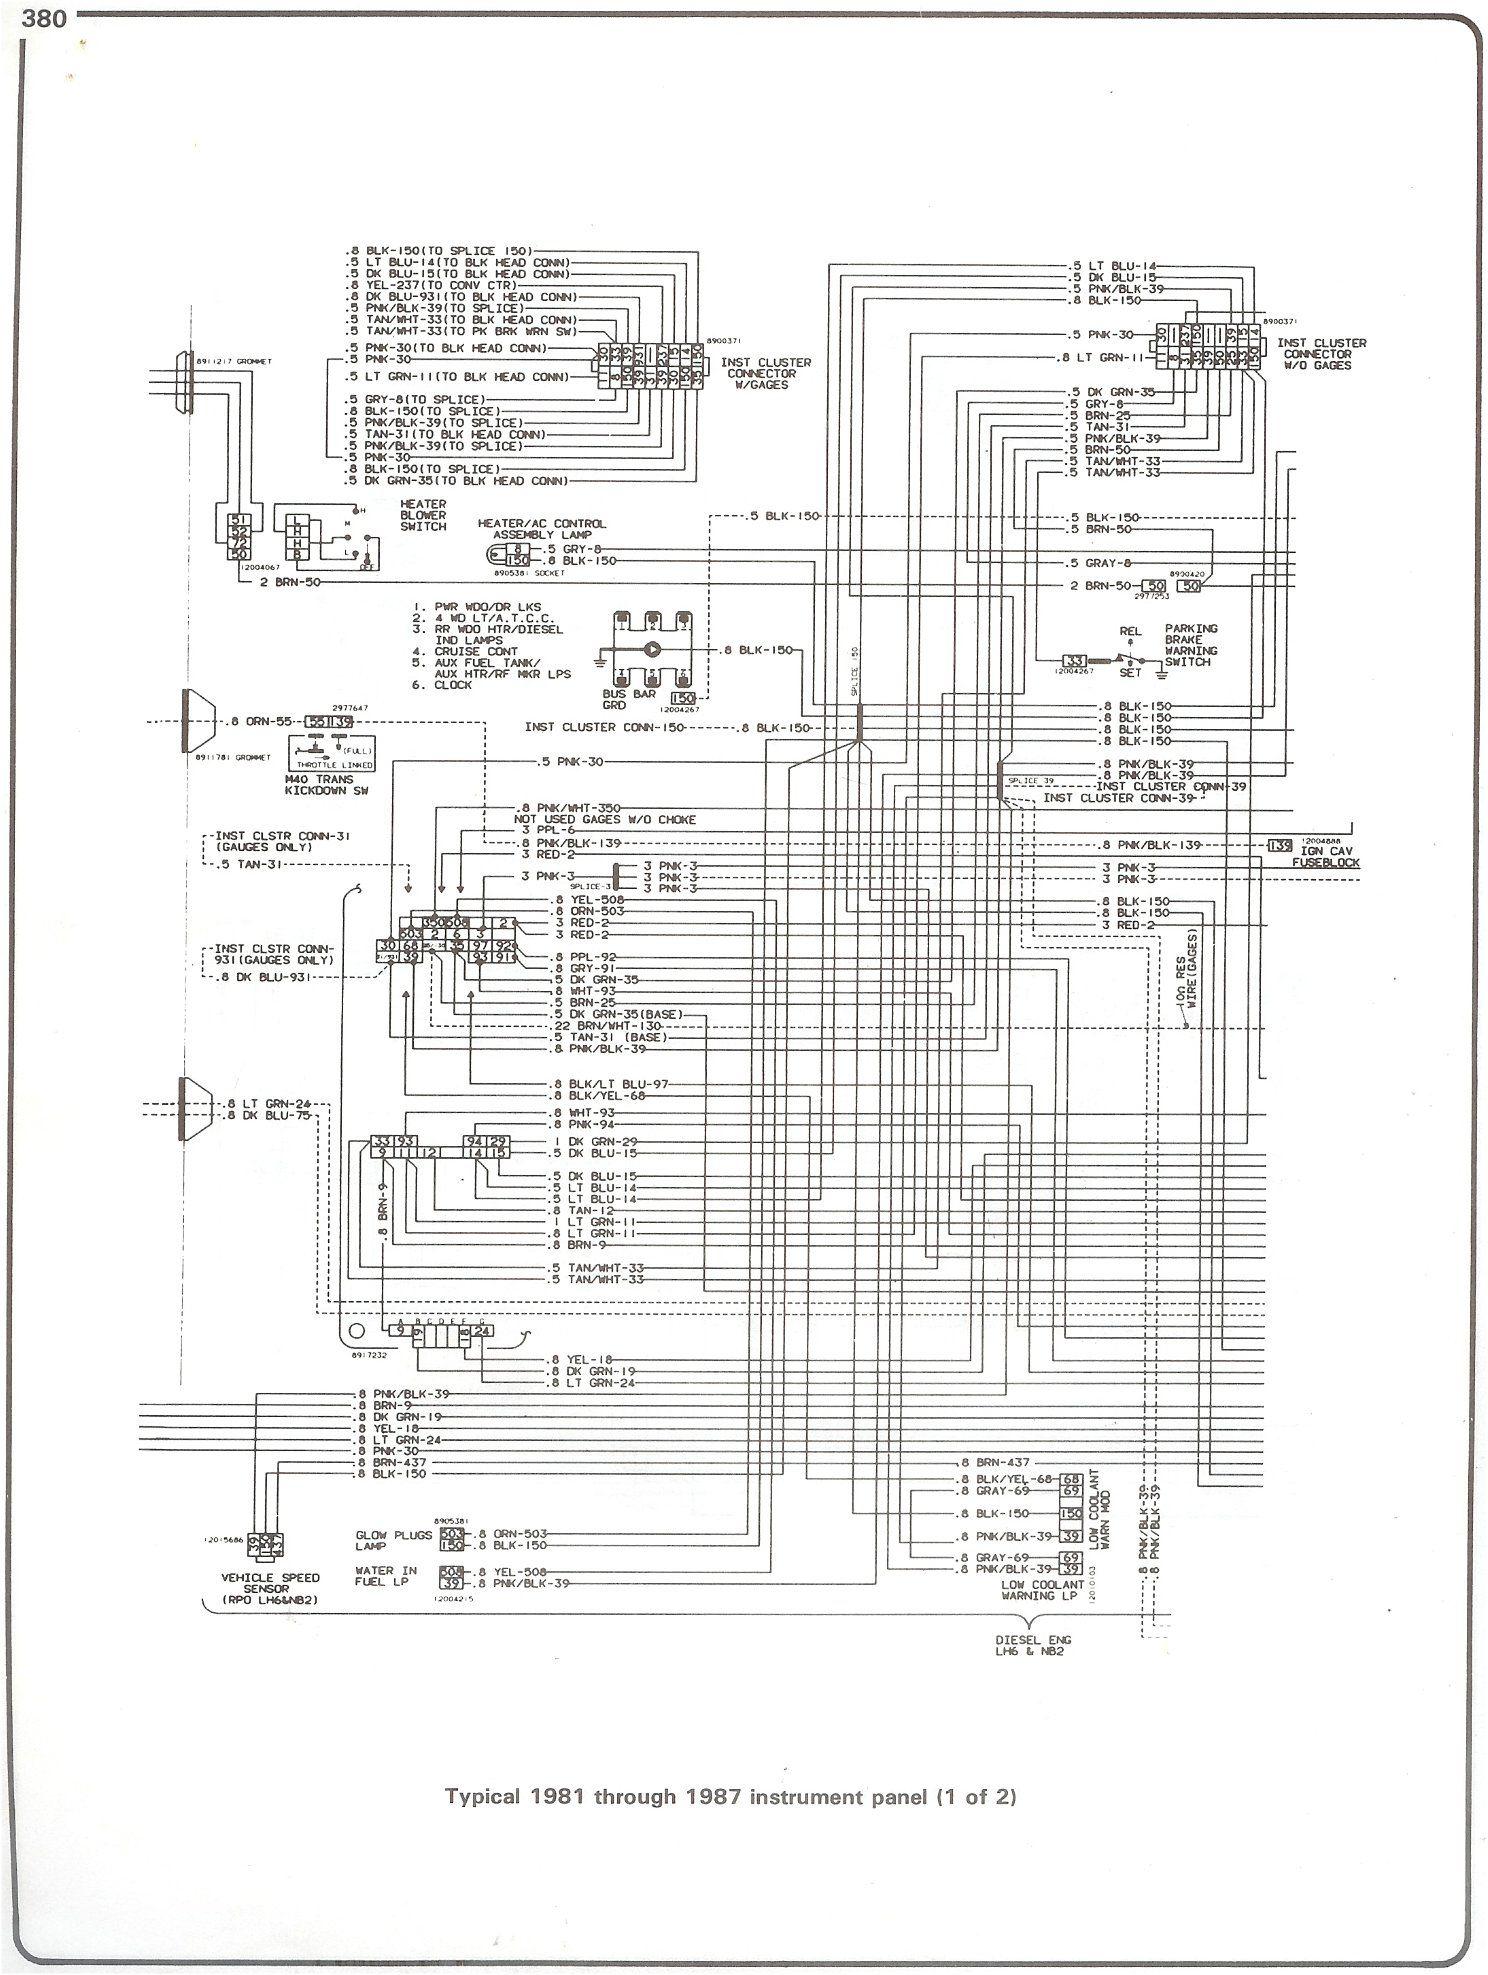 1984 Chevrolet Silverado Wiring Diagram Kenworth T800 Fuse Box Iagram For A 1994 Bege Wiring Diagram